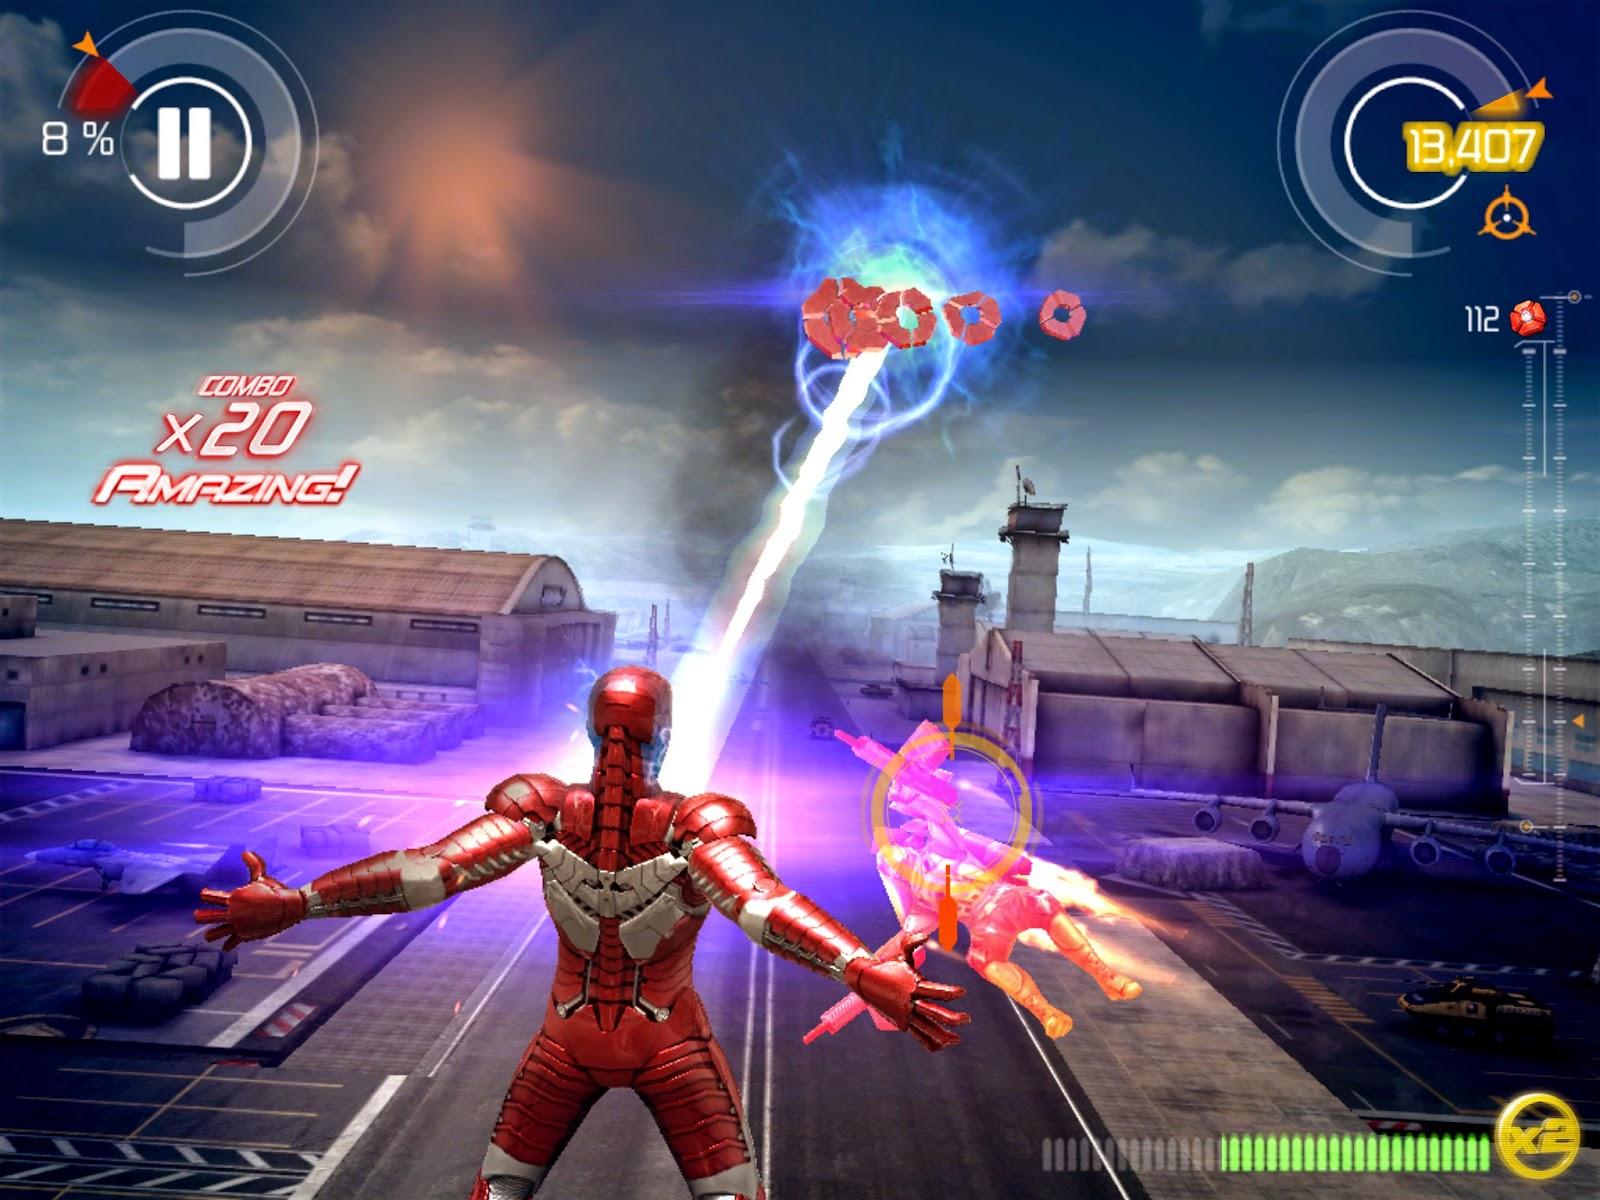 Telecharger jeux pirater - Iron man 2 telecharger gratuit ...